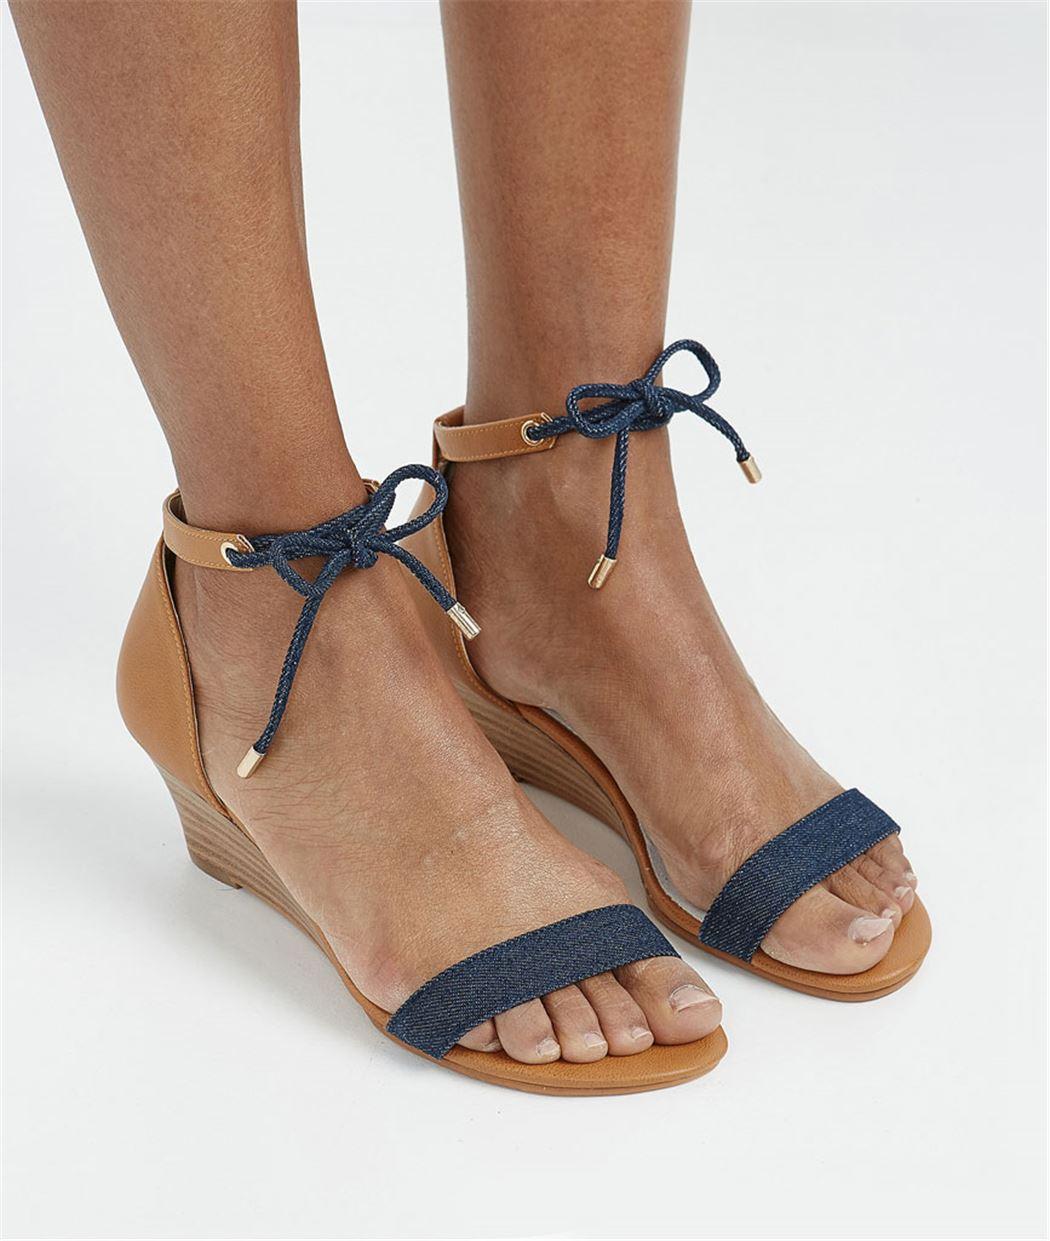 Sandales femme compensées effet jean BLEU